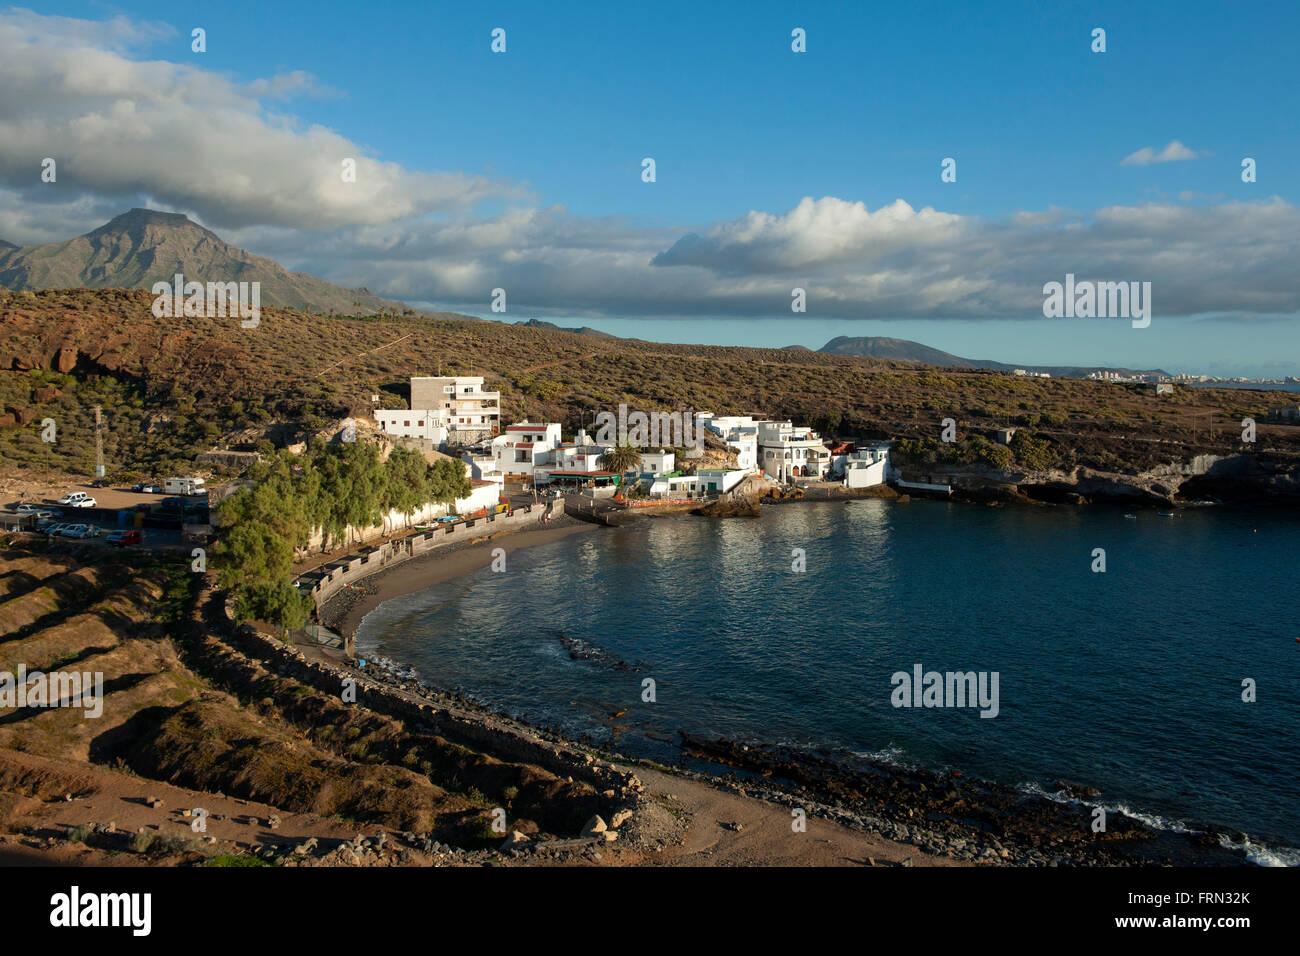 Spanien, Teneriffa, Costa Adeje, El Puertito östlich von Playa Paraiso, links der Tafelberg Roque del Conde - Stock Image